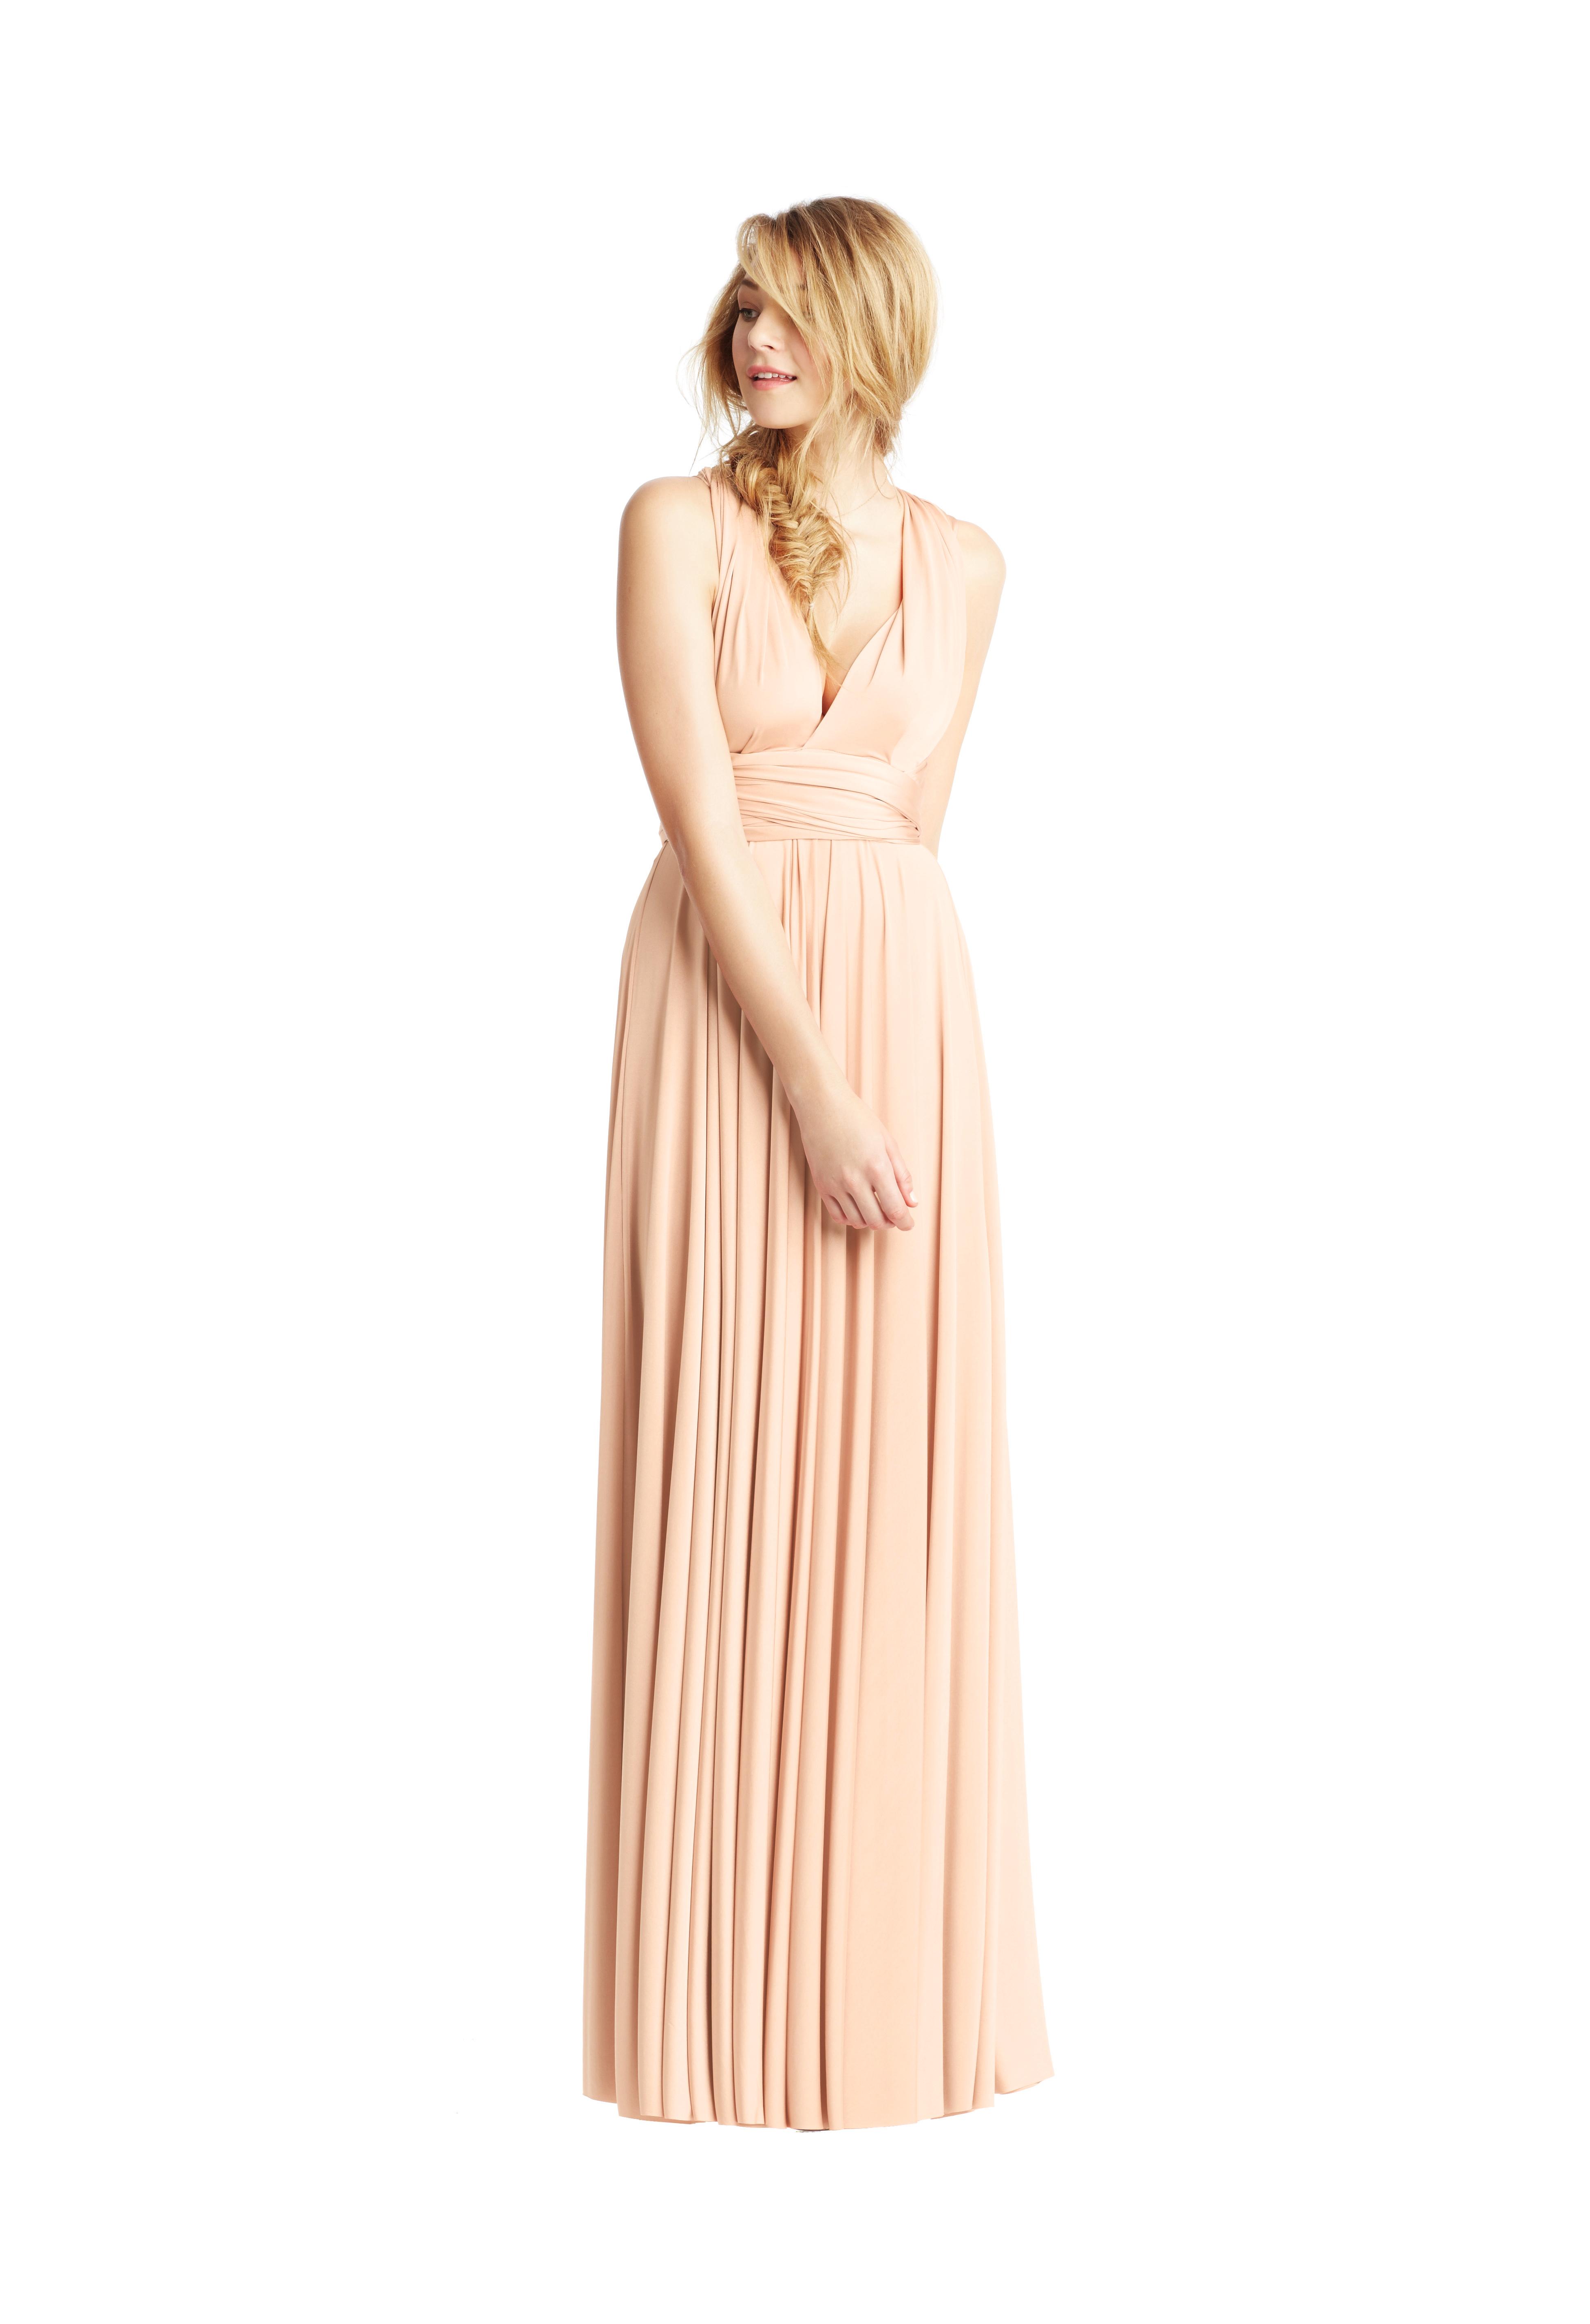 Peach Classic Ballgown